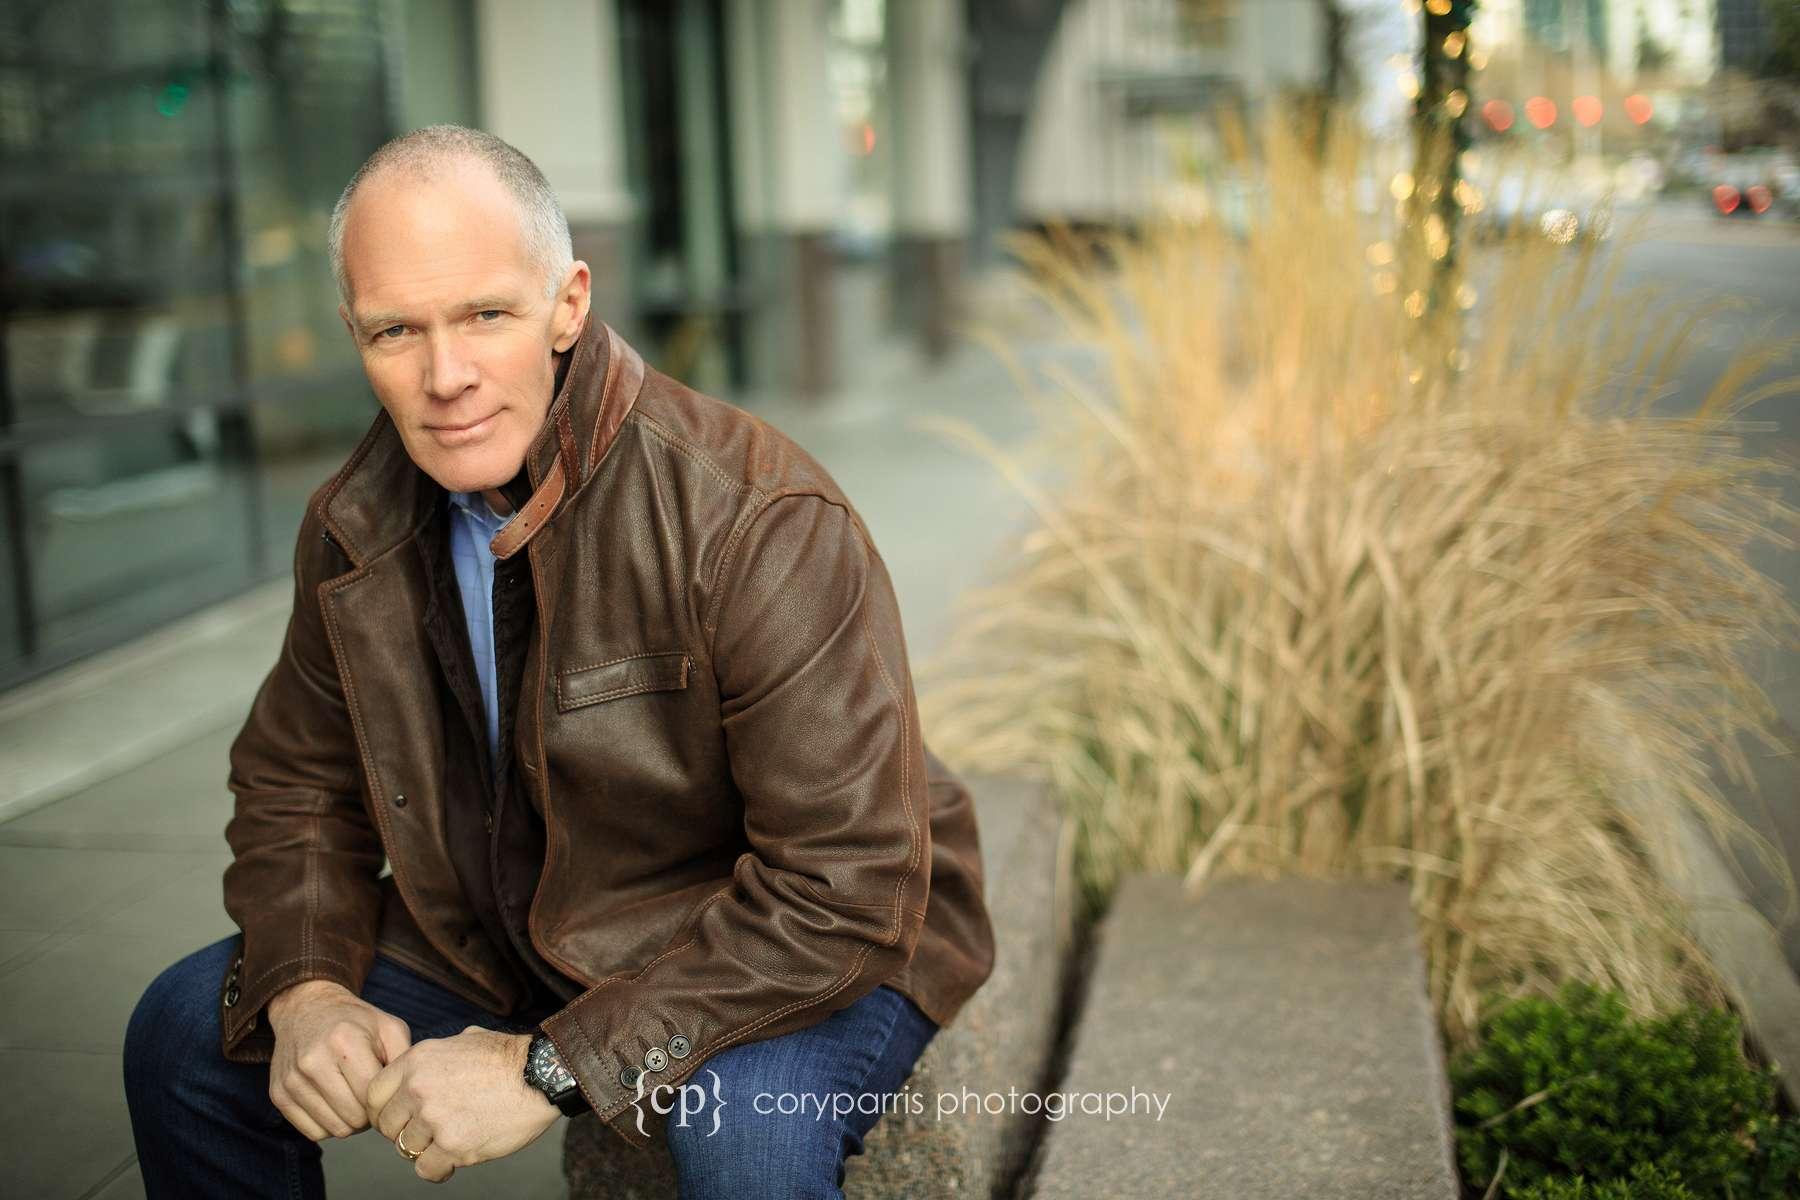 Business portrait in downtown Bellevue